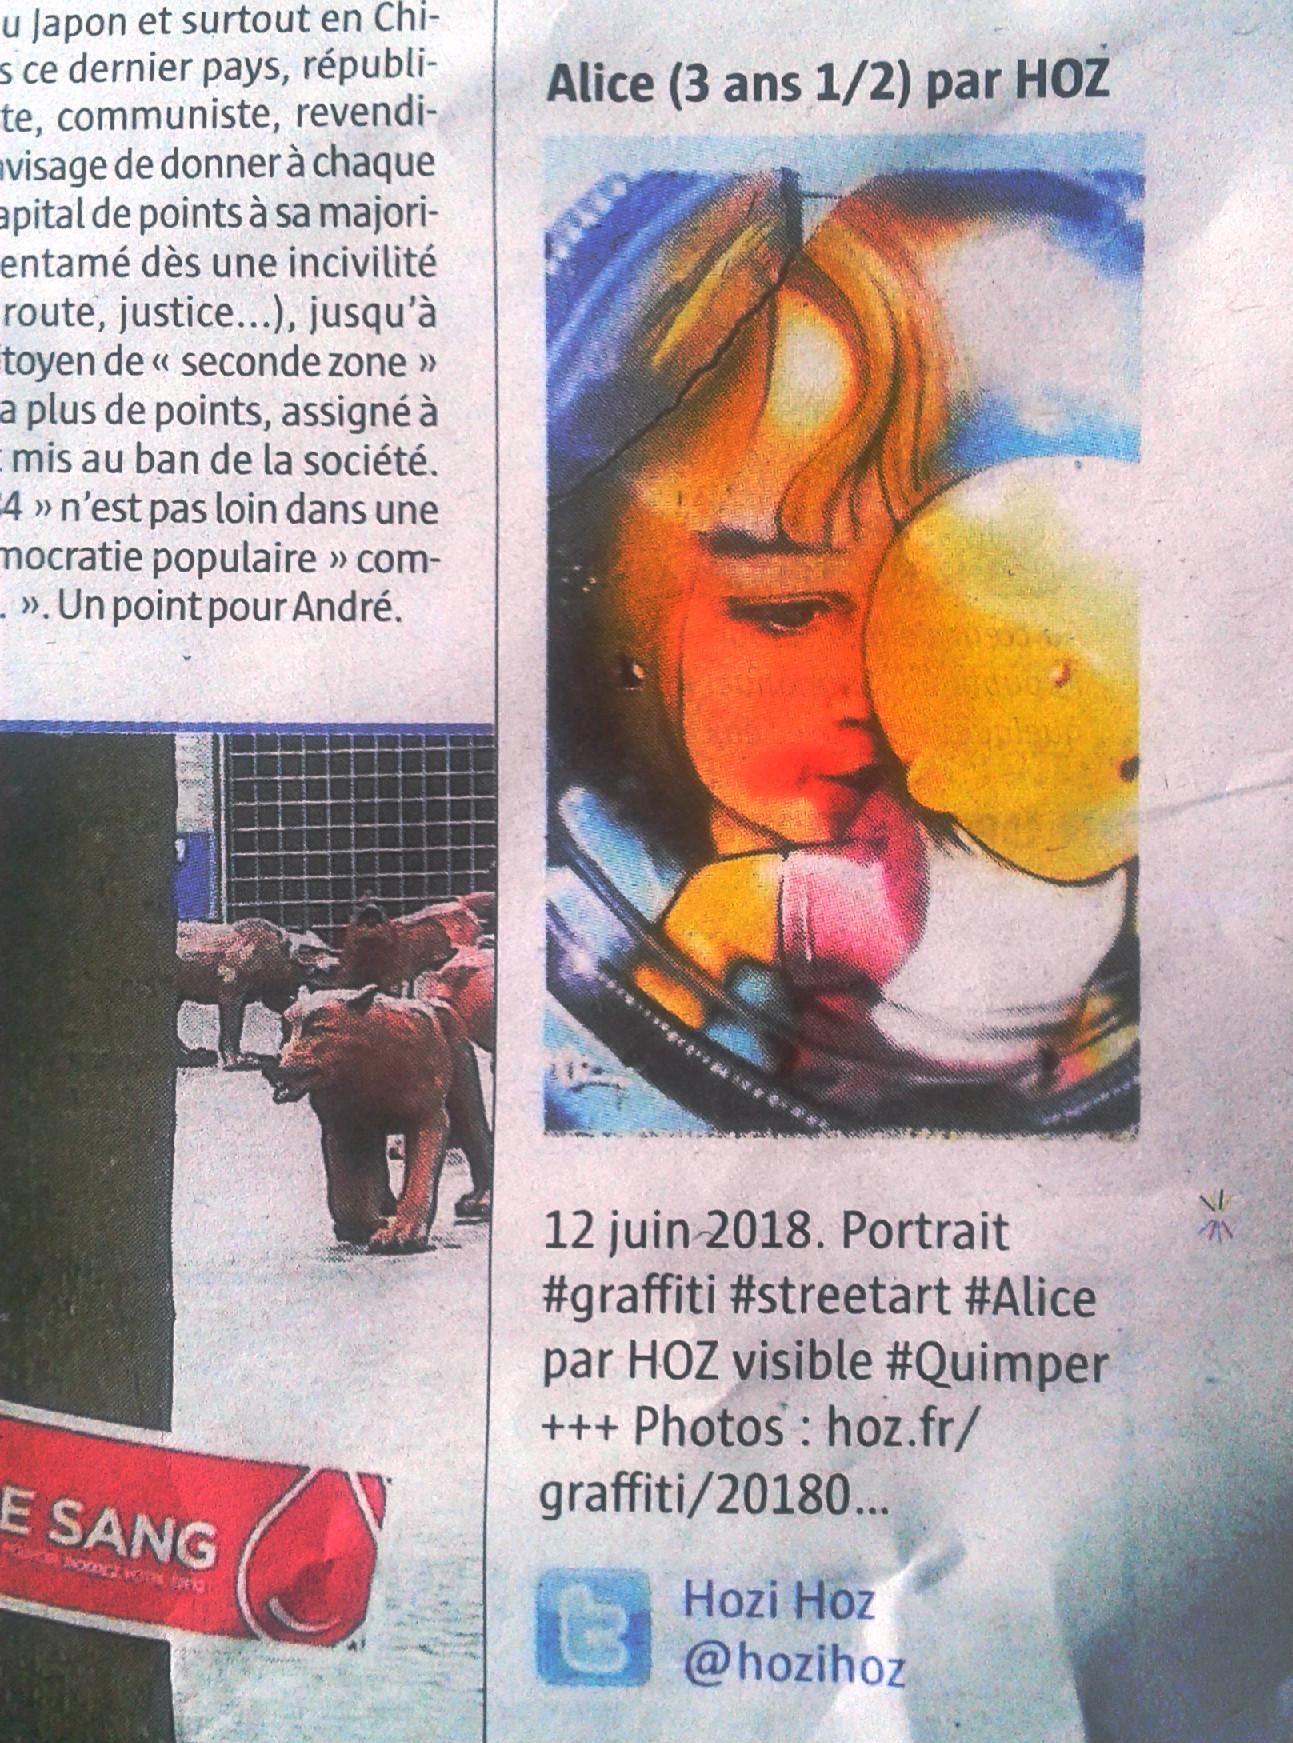 Portrait graffiti par HOZ paru dans le Télégramme Quimper du 16 juin 2018